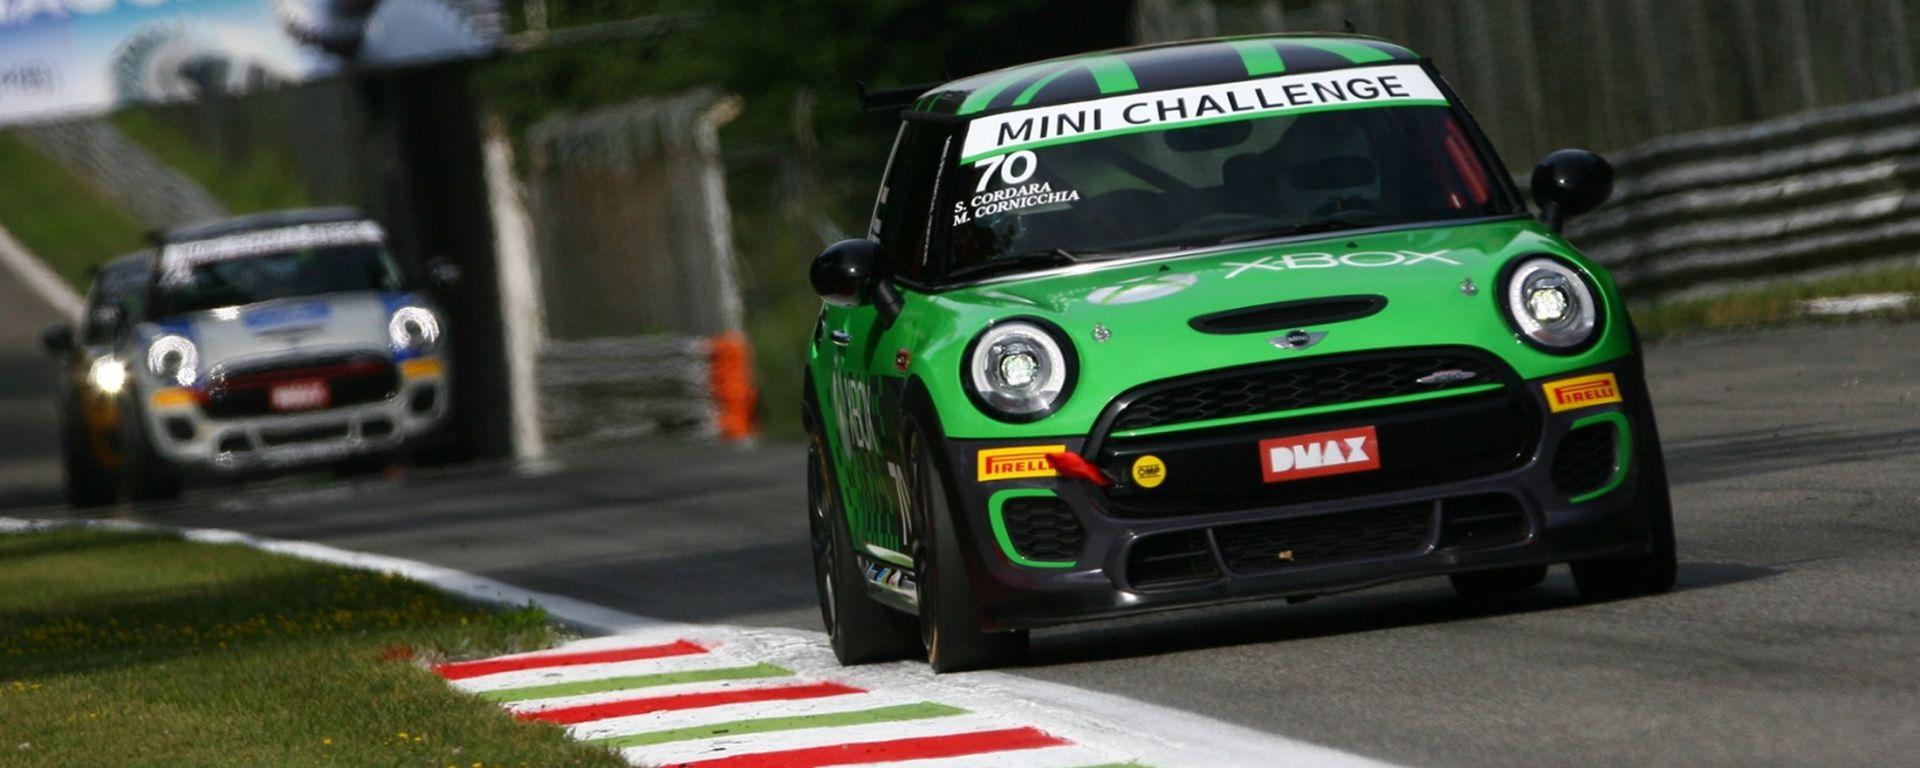 Mini Challenge 2017: cronaca dal vivo della tappa di Monza